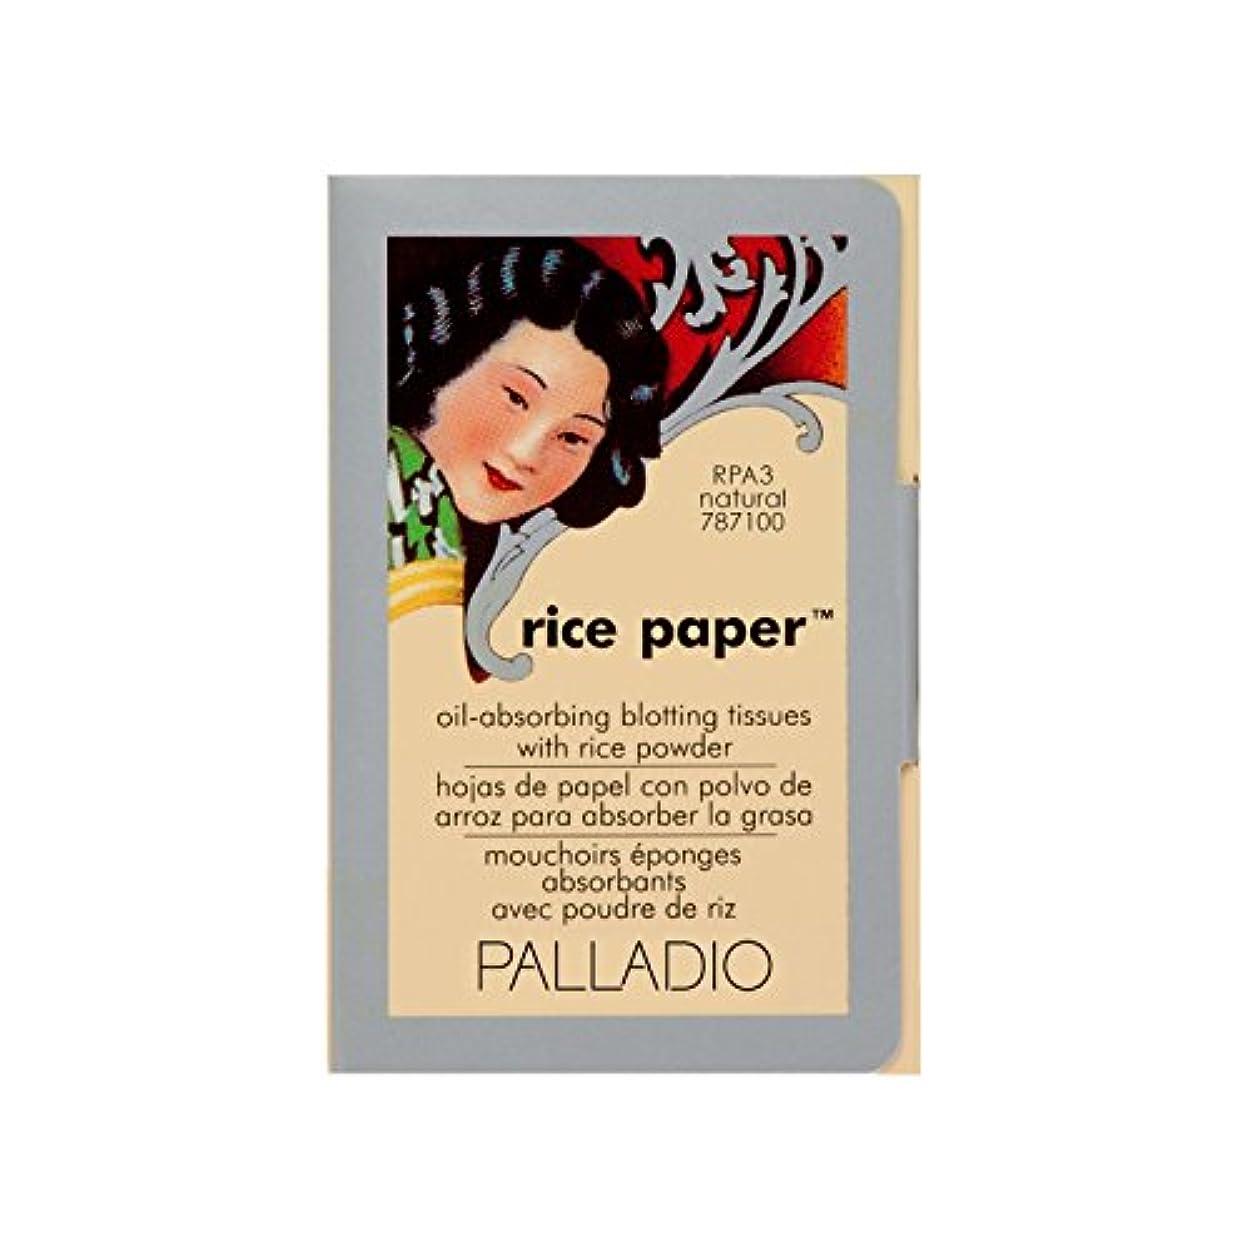 つぶす同情的確立Palladio ライスペーパーティッシュ、米粉と顔あぶらとりシートは、オイルを吸収し、肌が新鮮で財布や旅行のための滑らかな、コンパクトなサイズを探し滞在を支援します ナチュラル